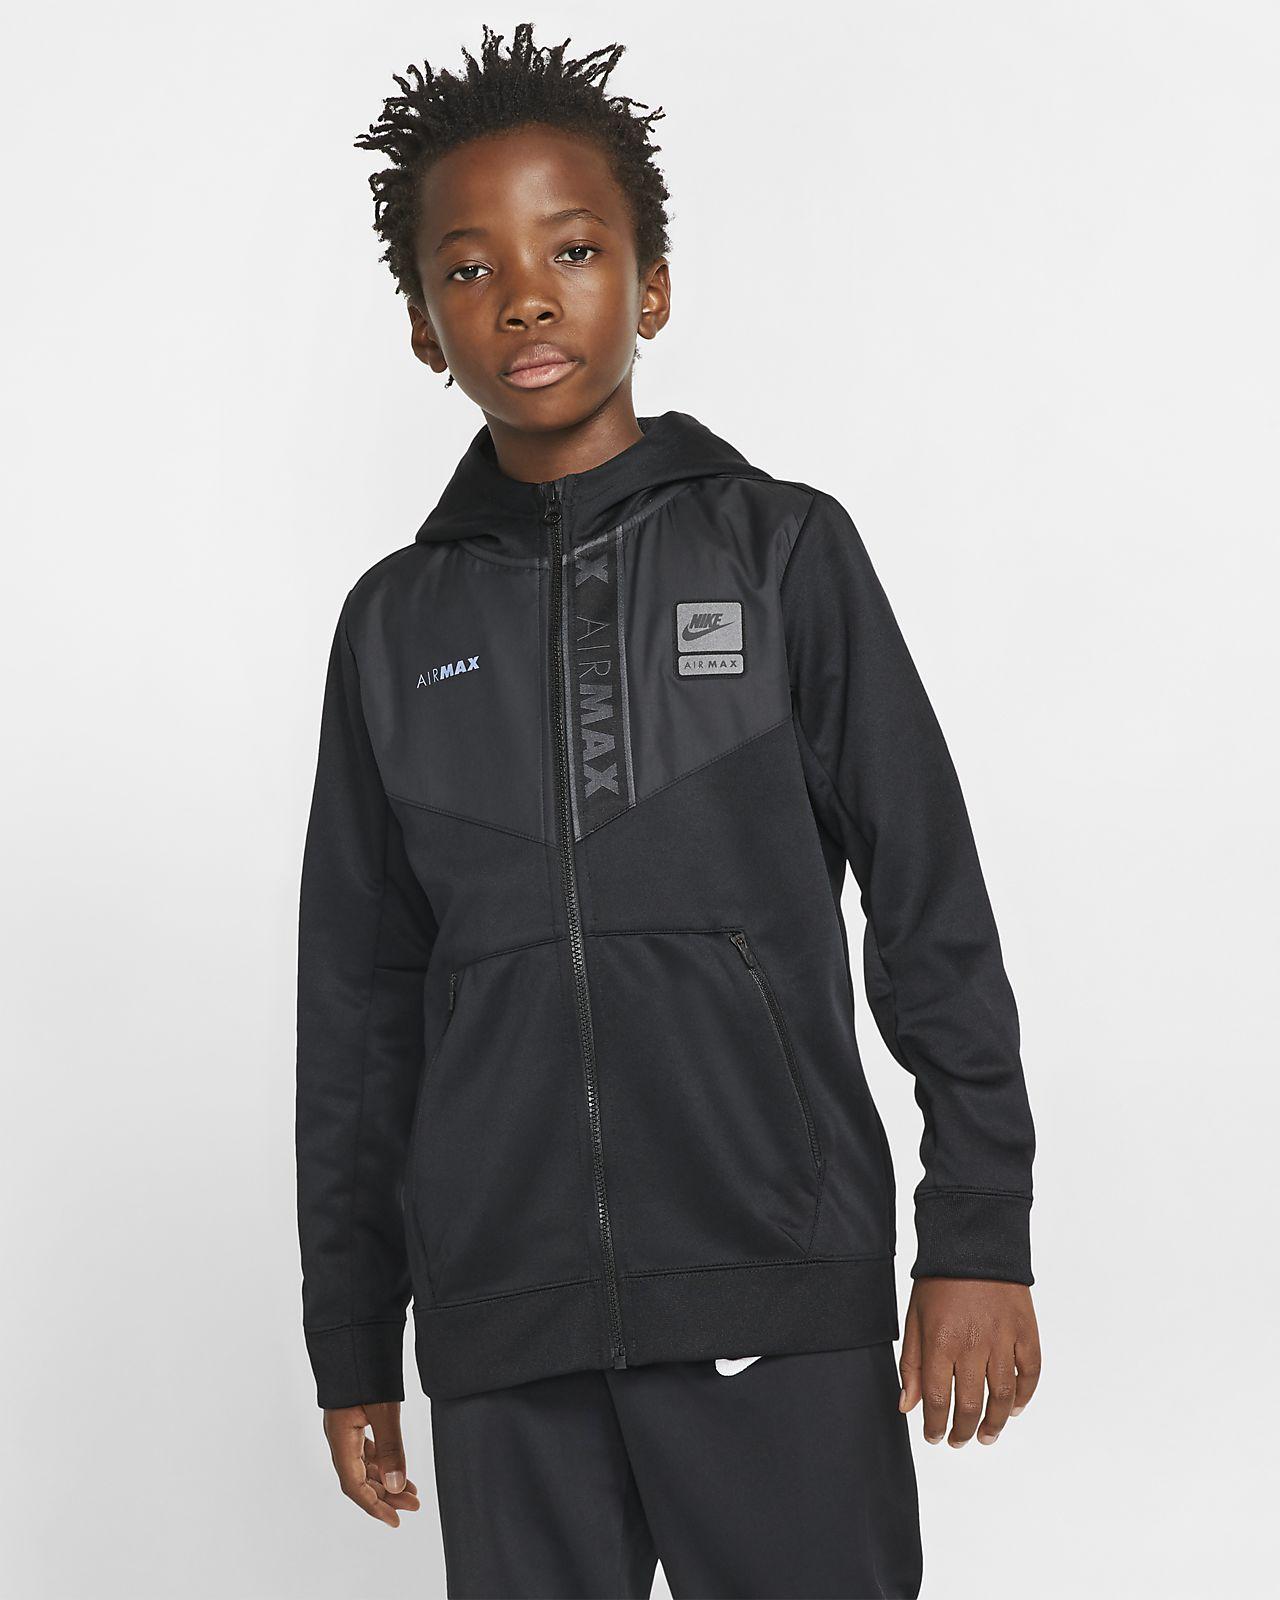 Nike Sportswear Air Max hettejakke med hel glidelås til store barn (gutt)